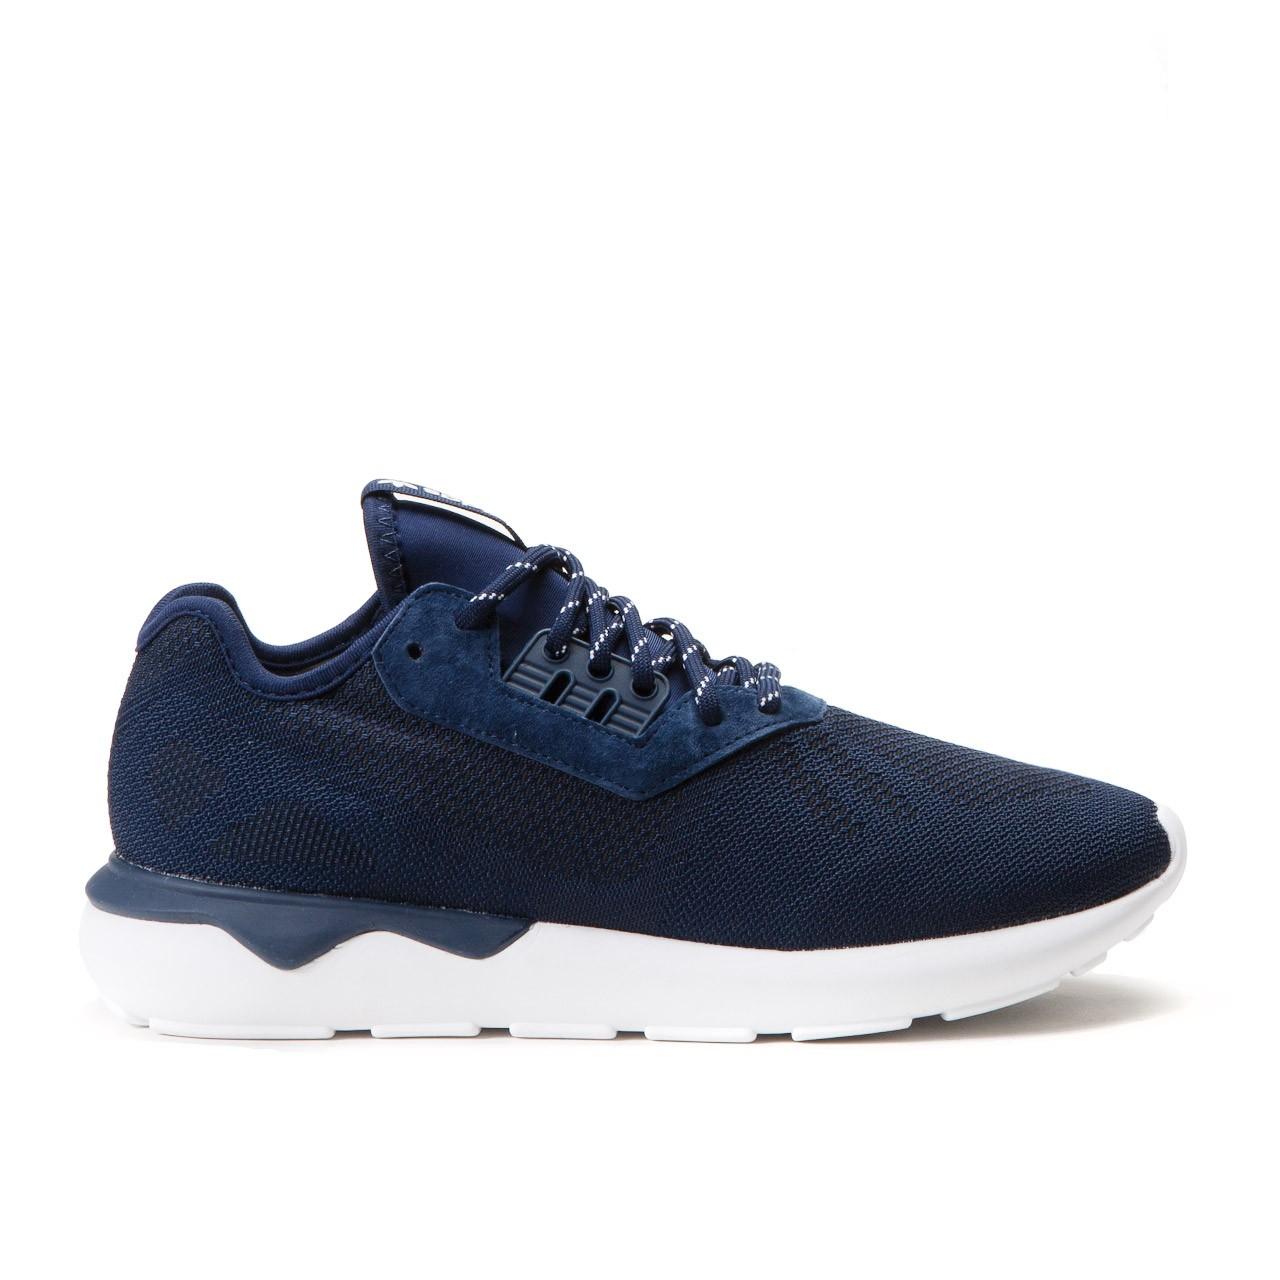 adidas-tubular-runner-weave-collegiate-navy-b25596